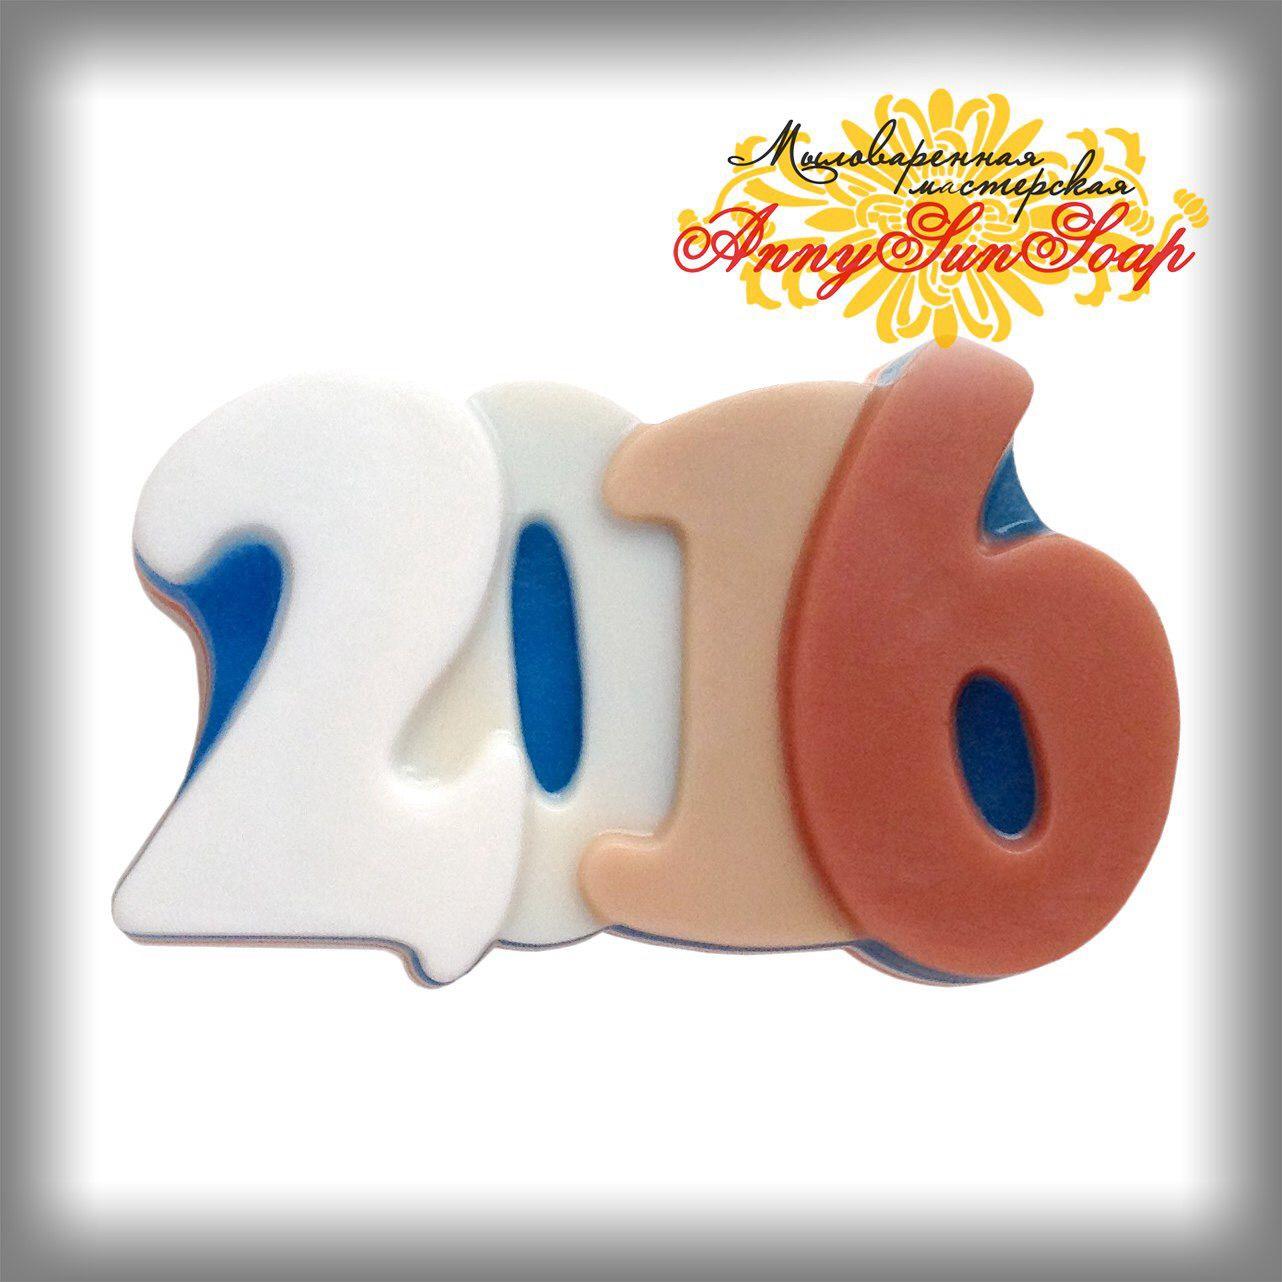 2016год мыловарение символгода2016 мылоручнойработы 2016 подарки символгода новыйгод подарок